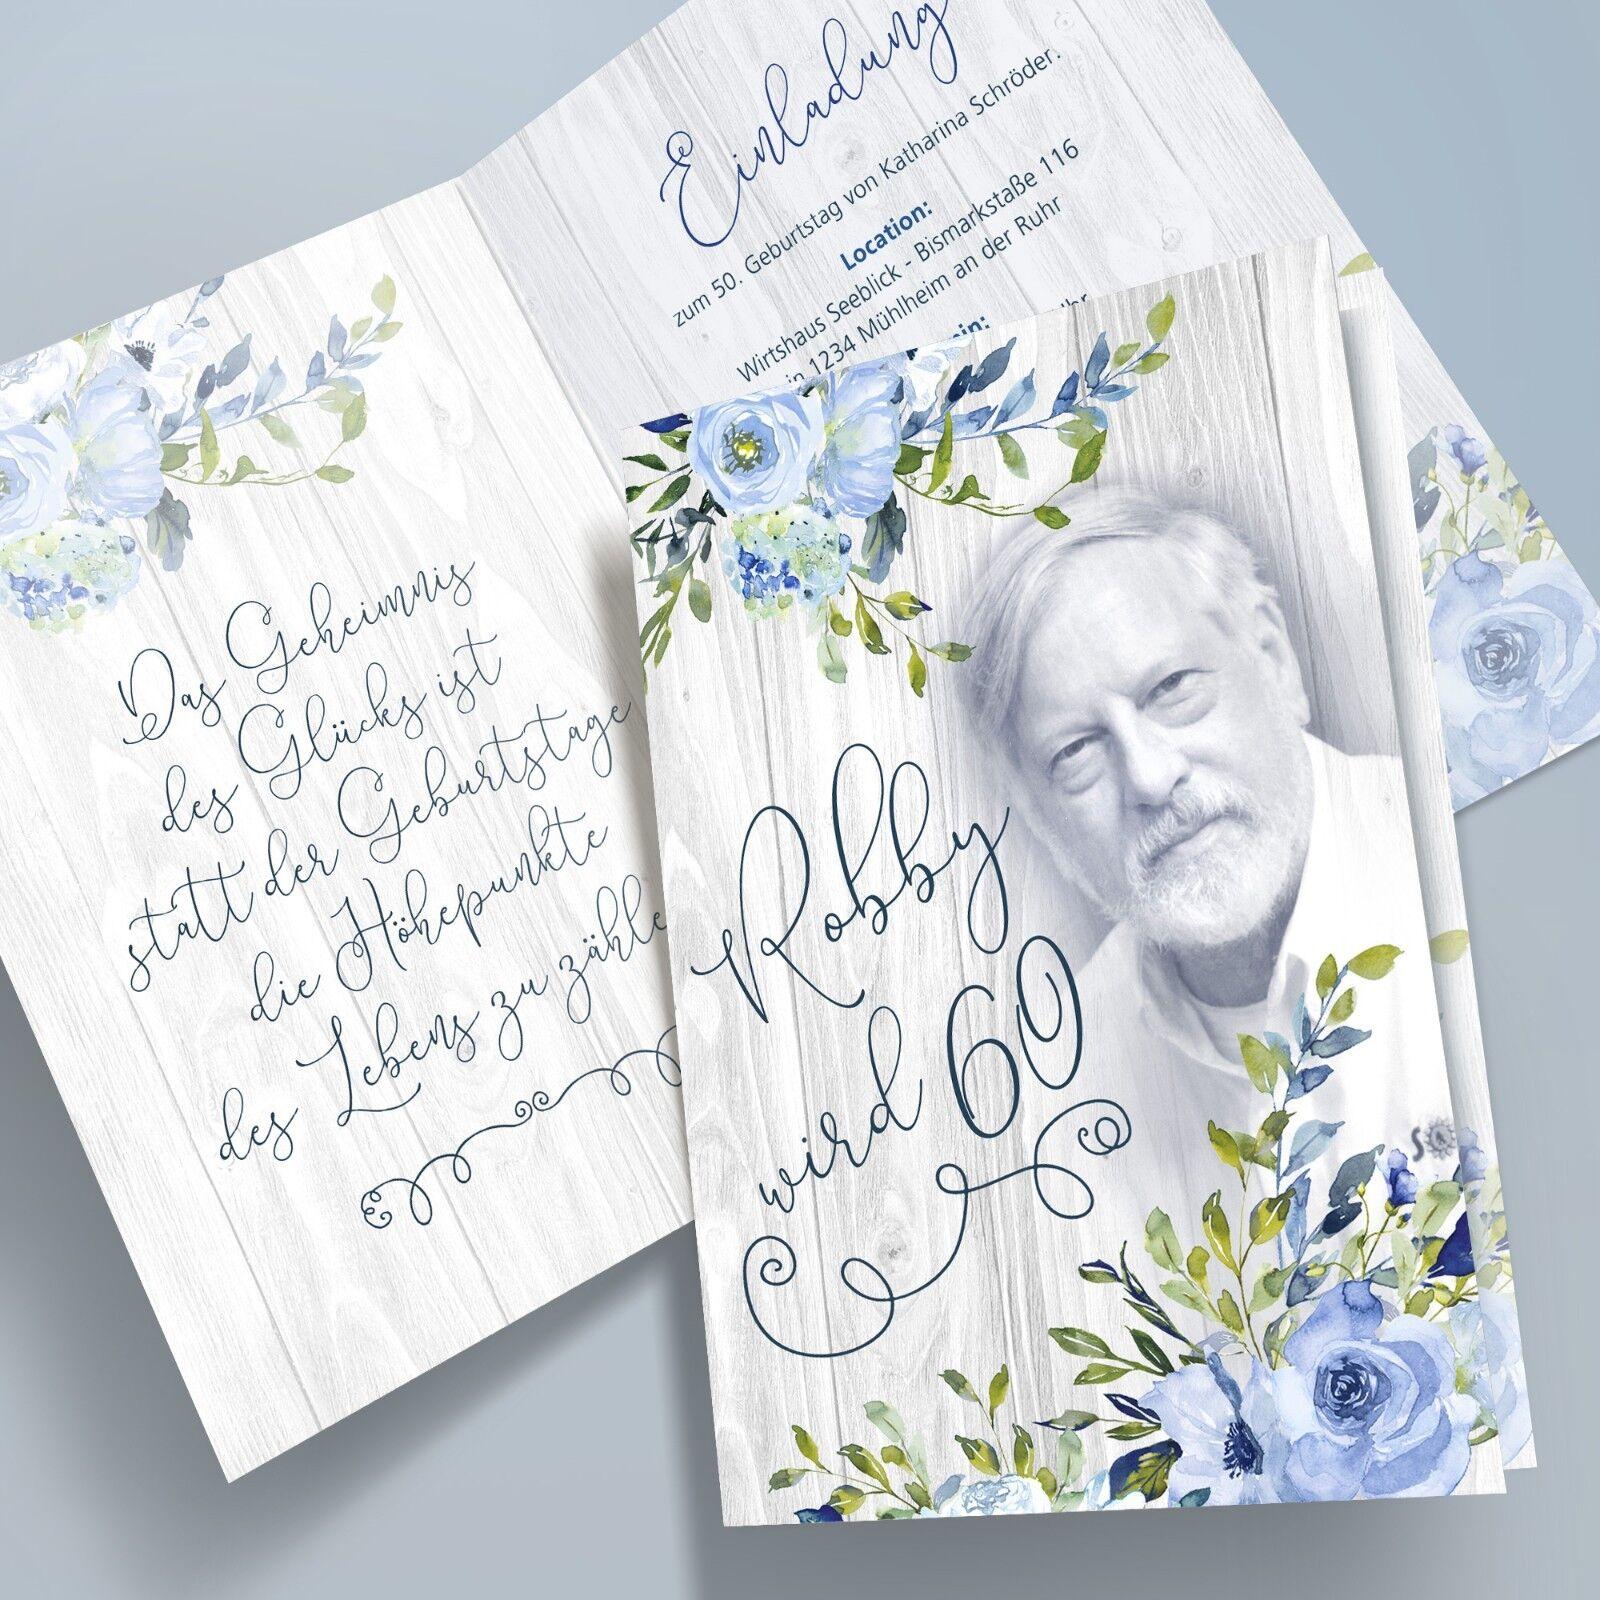 Personalisierte Einladungskarten Geburtstag    Aquarell , Blaumen, Boho-Style bl 1 6c9d26